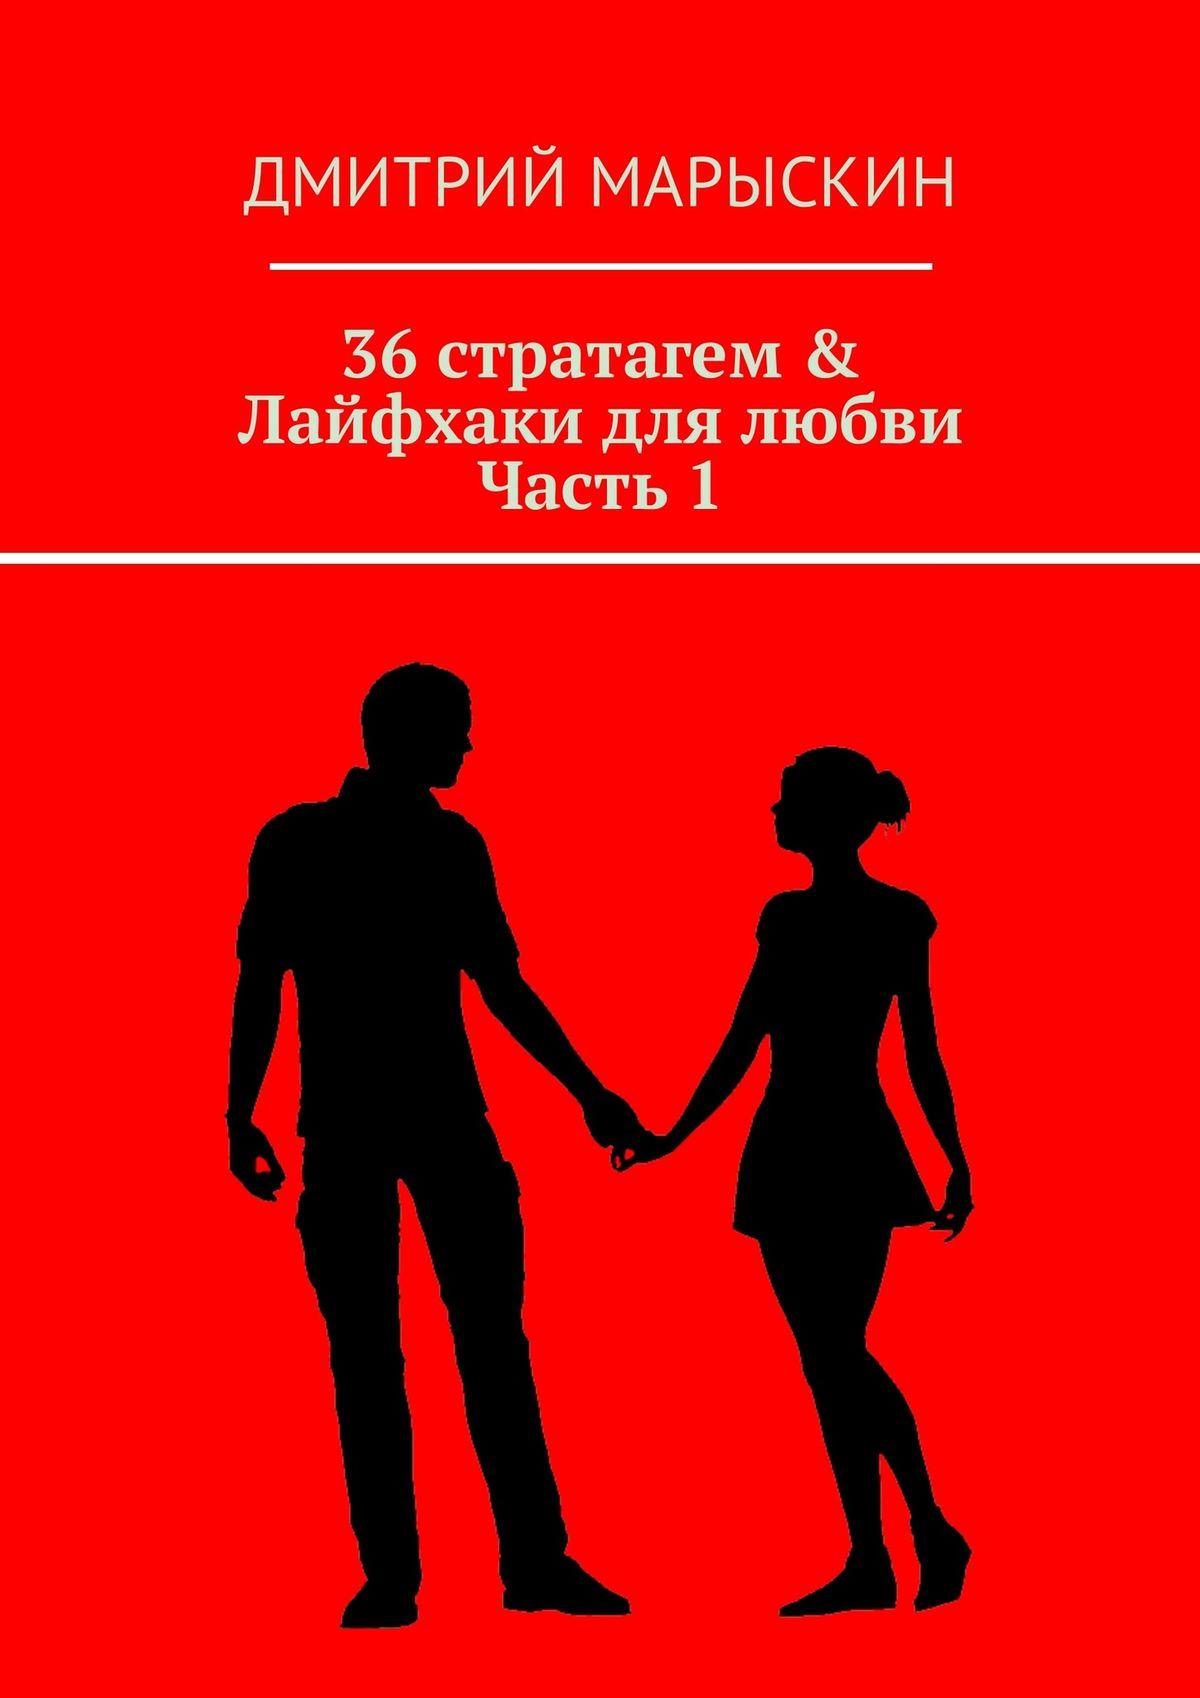 36стратагем&Лайфхаки для любви. Часть 1